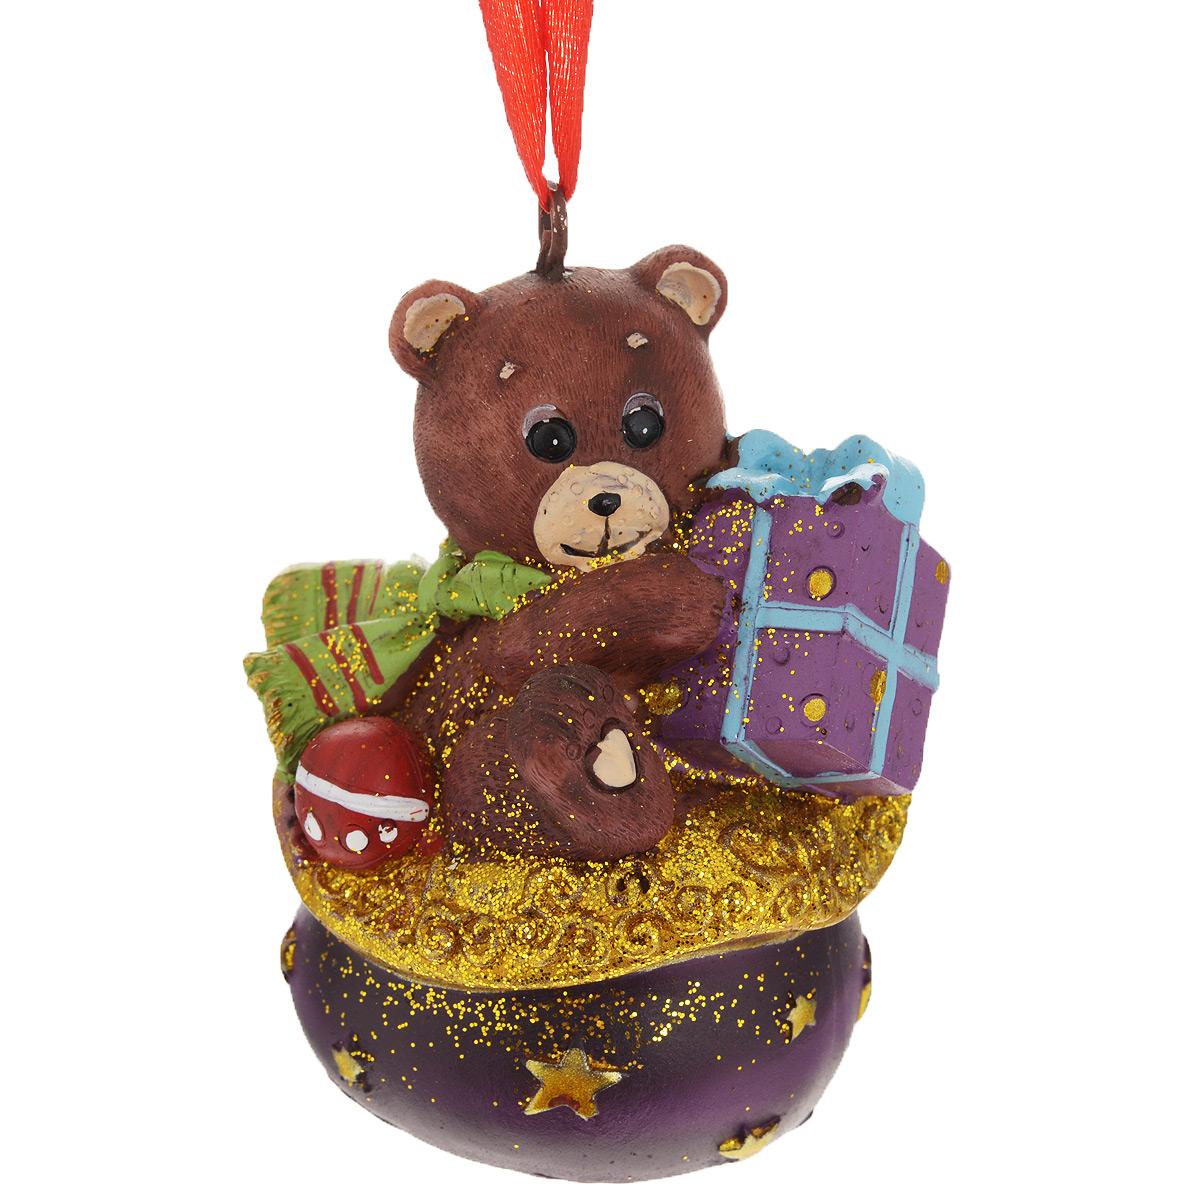 Новогоднее подвесное украшение Мишка в мешке с подарком. 3459534595Оригинальное новогоднее украшение из пластика прекрасно подойдет для праздничного декора дома и новогодней ели. Изделие крепится на елку с помощью металлического зажима.